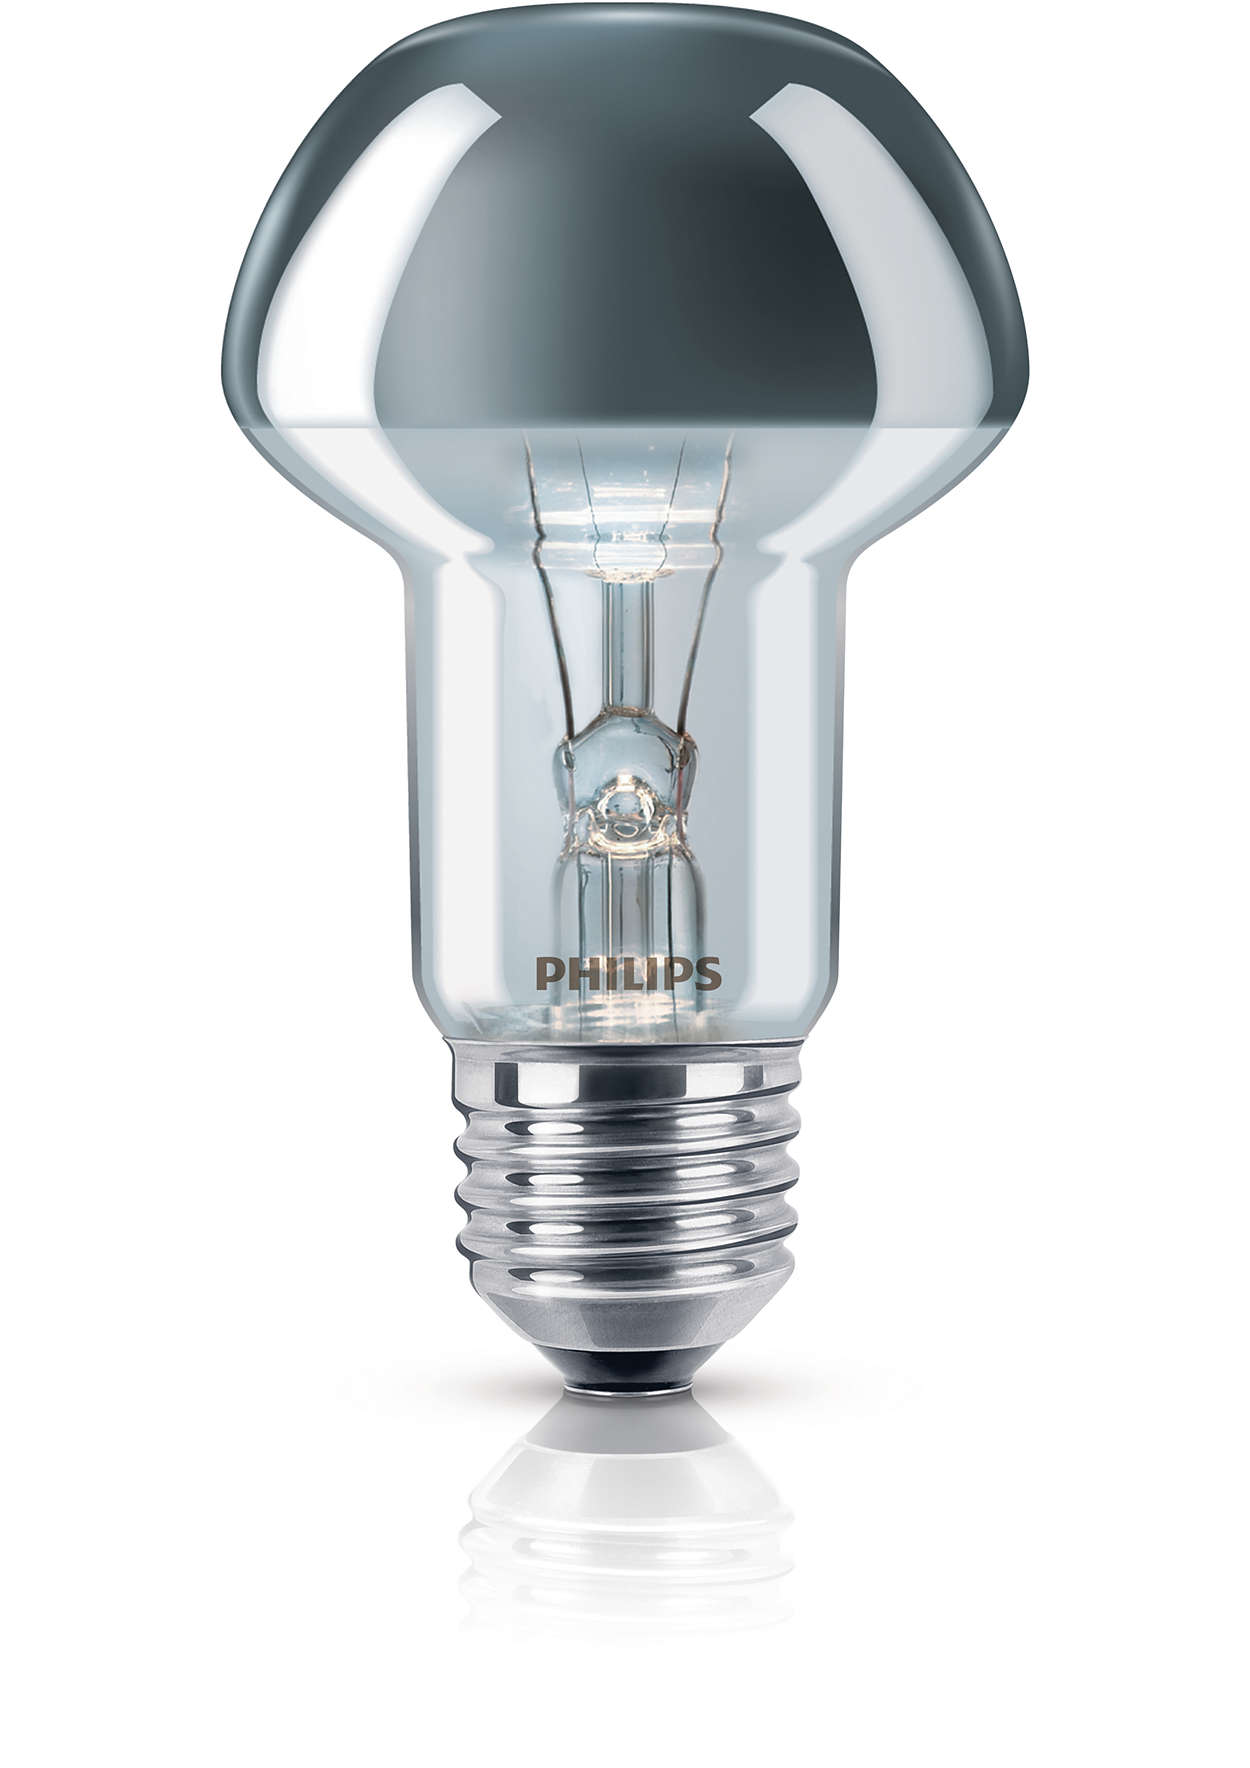 Lampe für spektakuläres indirektes Licht